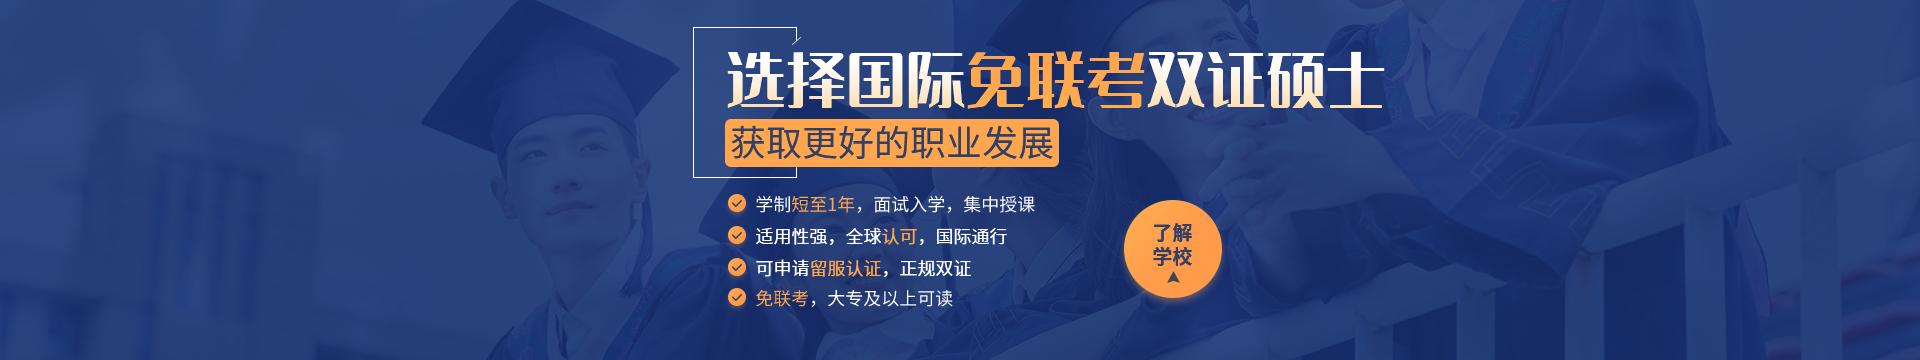 南京免联考在职MBA